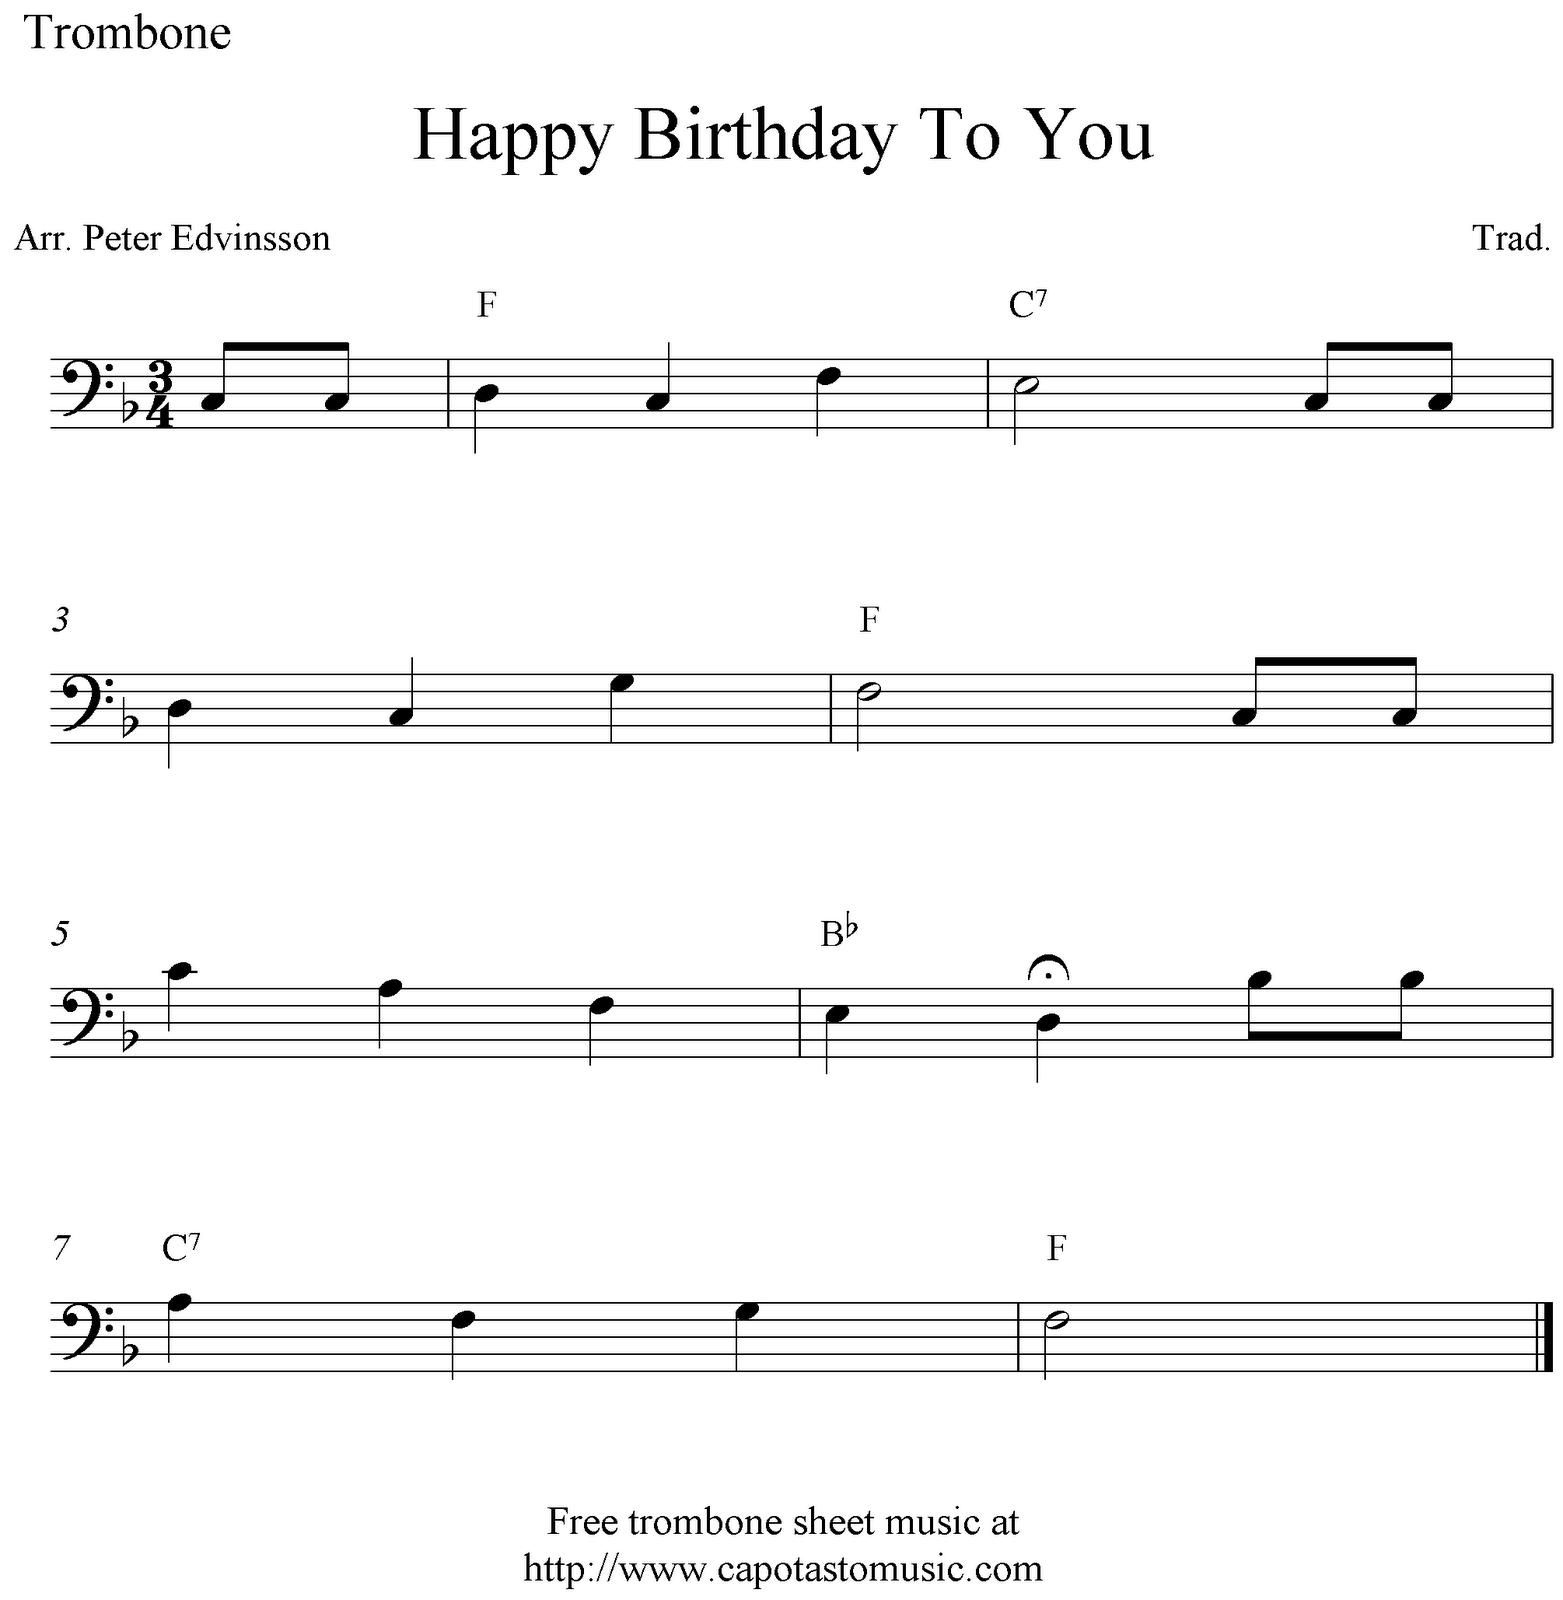 Trombone Sheet Music Happy Birthday